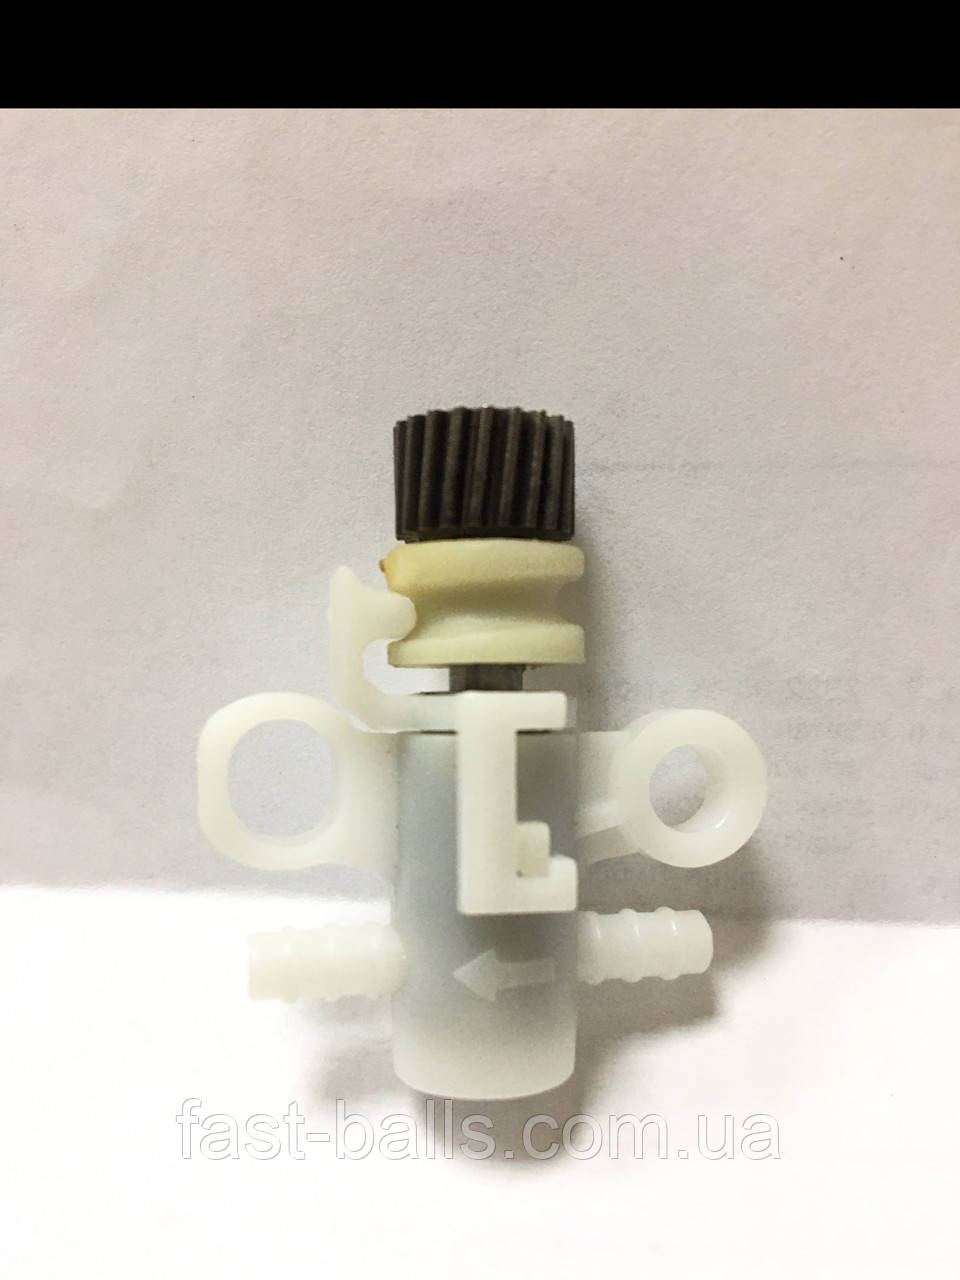 Масляный насос электропилы Wintech, Craft